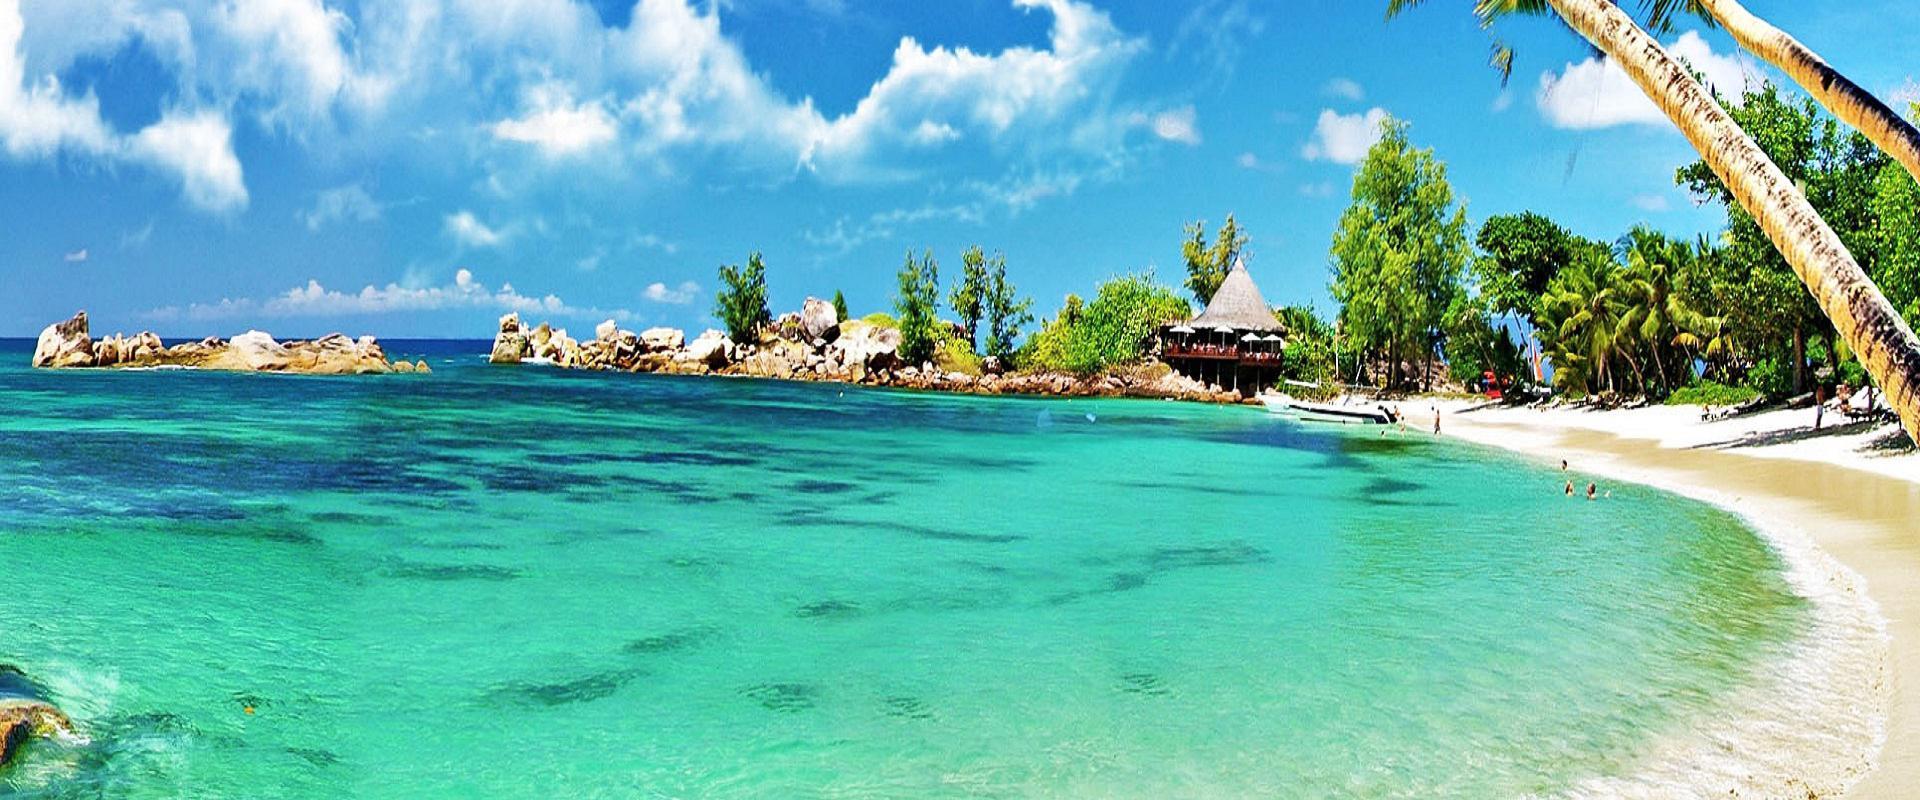 Paket Pulau Pari 2D1N